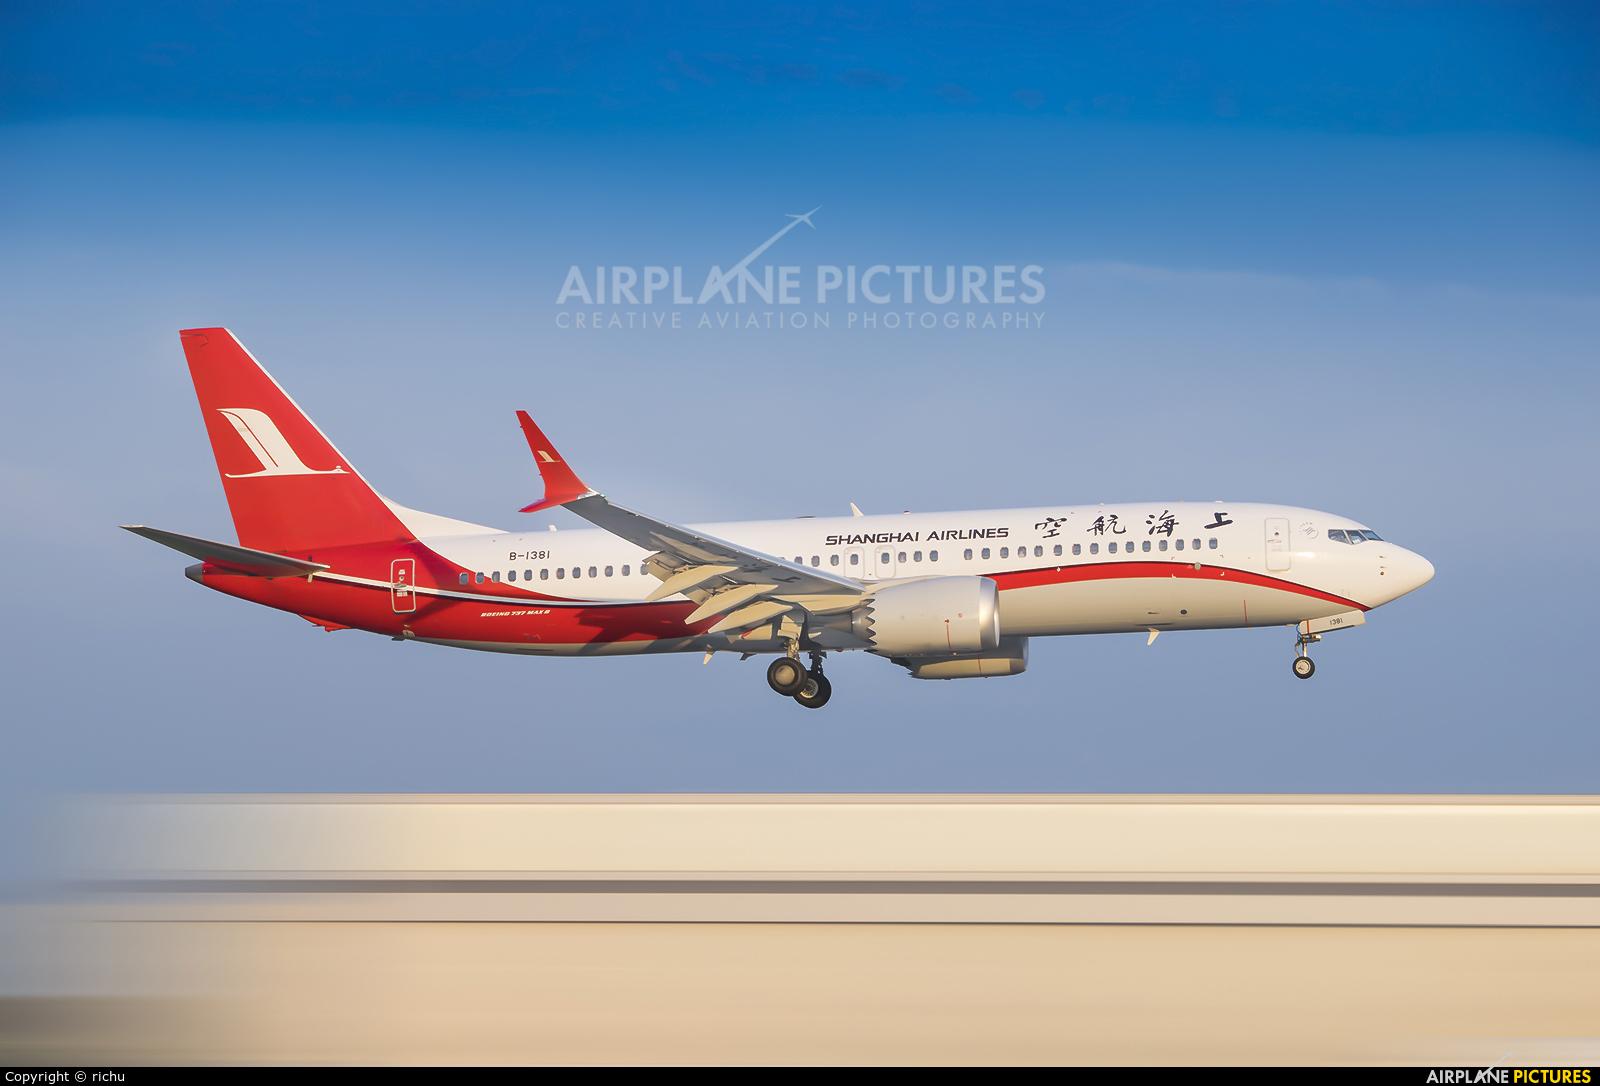 Shanghai Airlines B-1381 aircraft at Shenyang-Taoxian